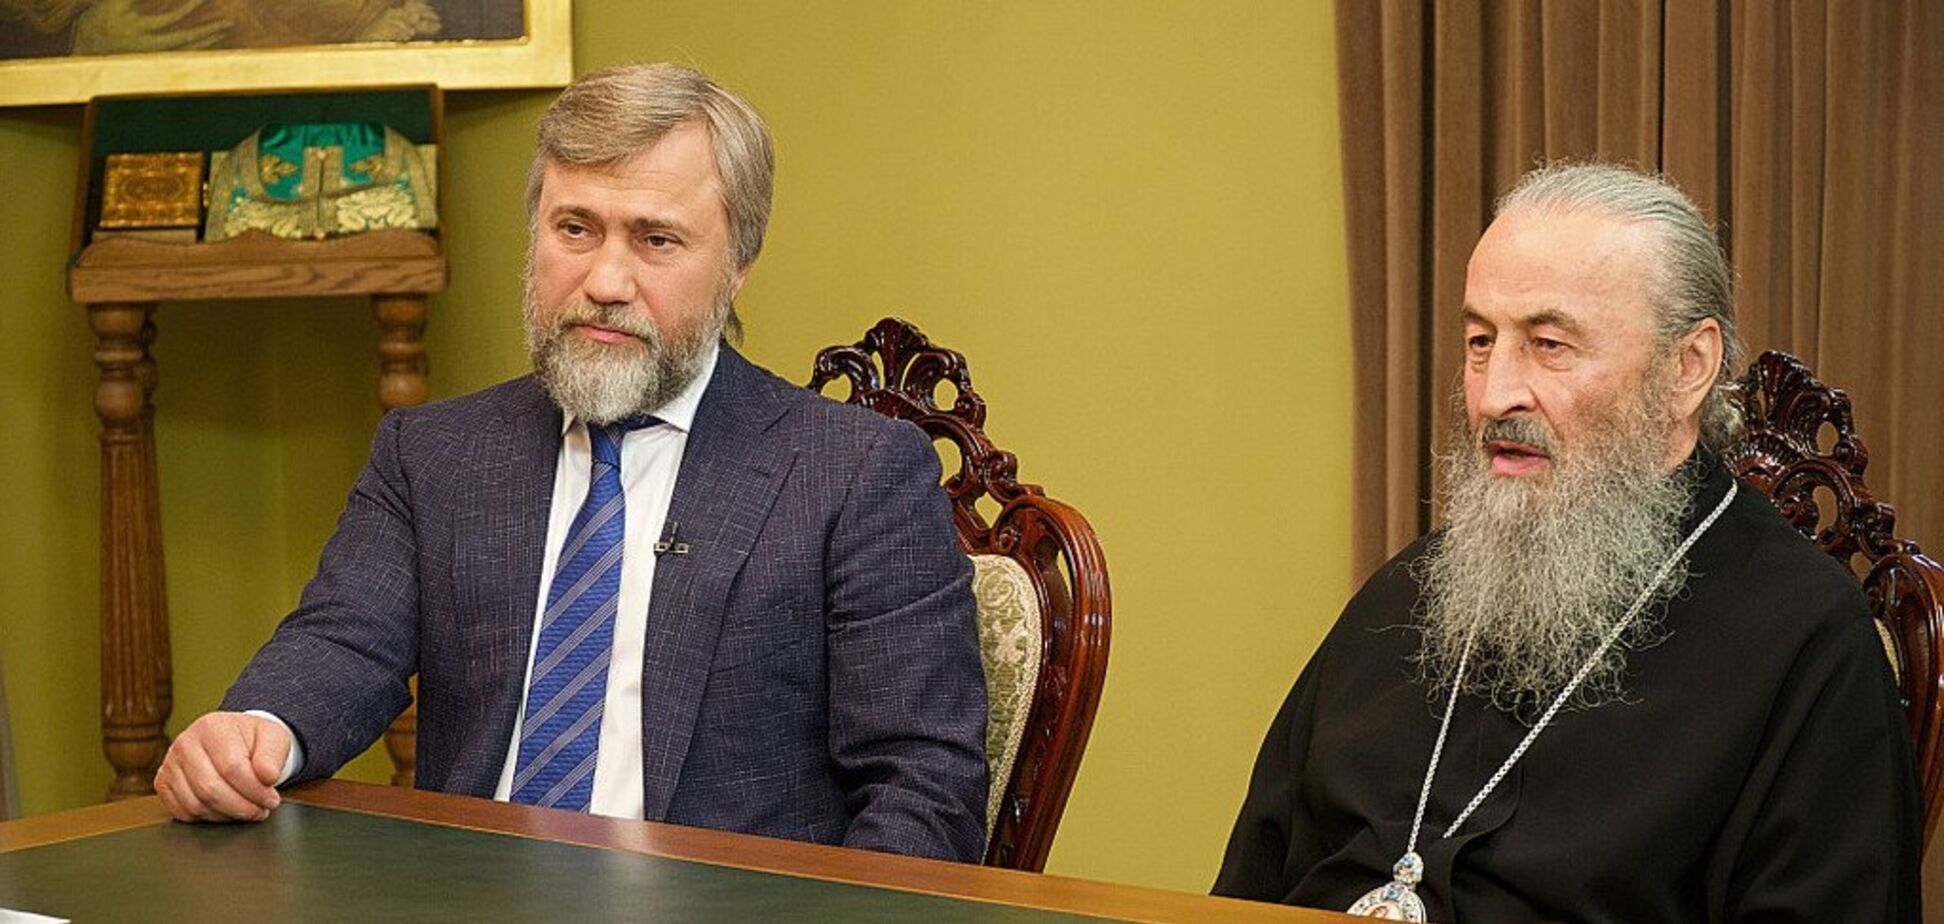 Блаженніший митрополит Онуфрій і Вадим Новинський